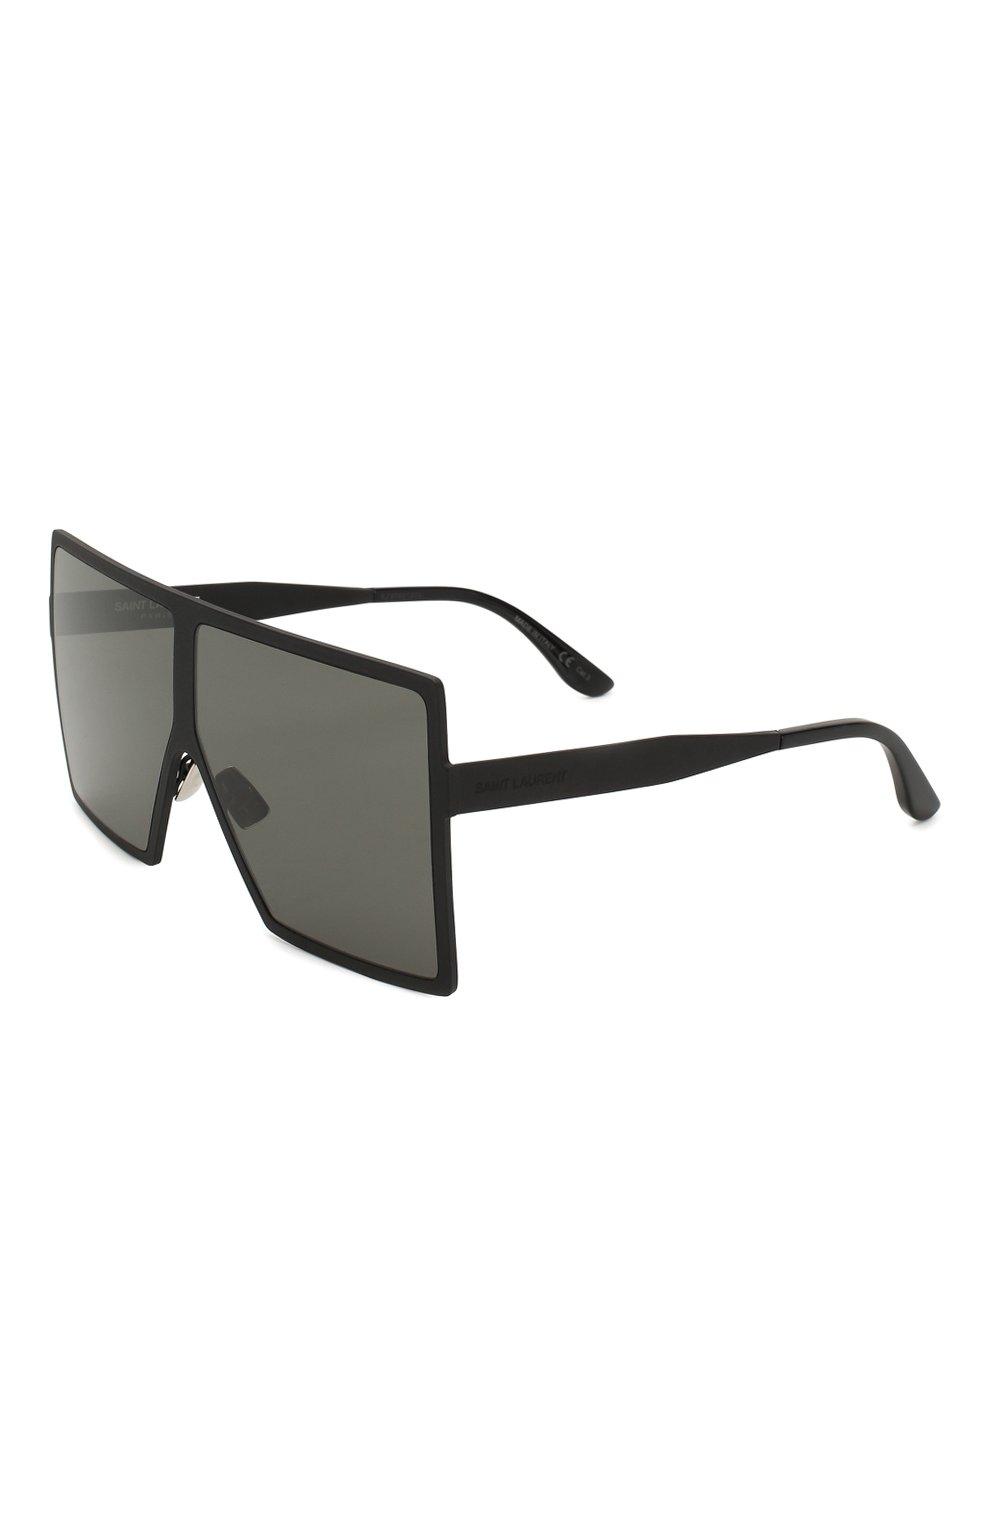 Женские солнцезащитные очки SAINT LAURENT черного цвета, арт. SL 182 BETTY 001 | Фото 1